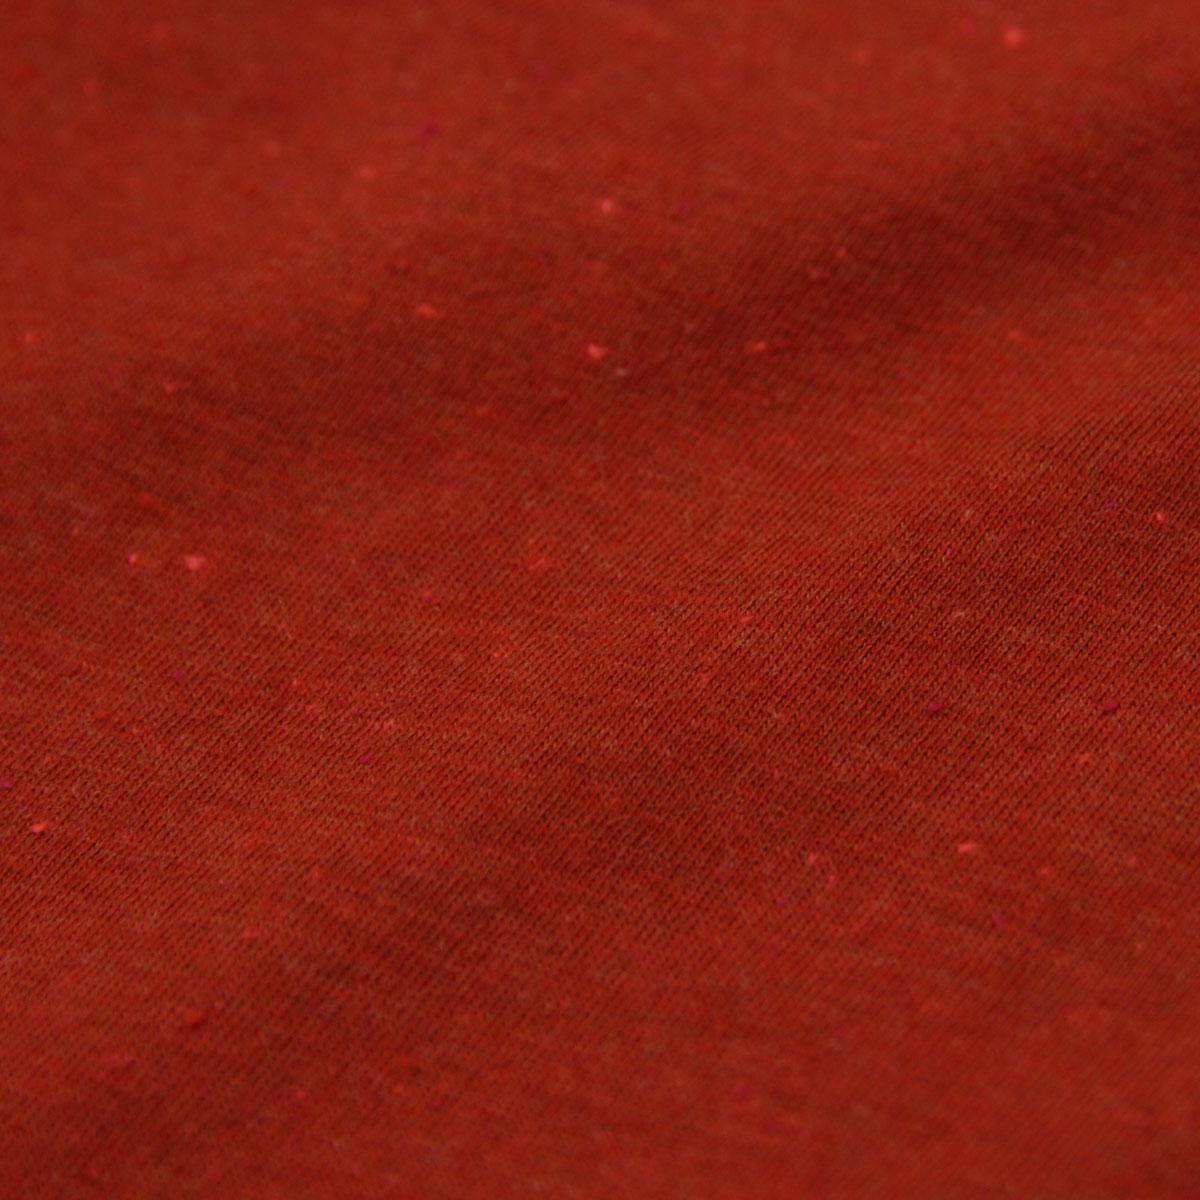 スコッチアンドソーダ SCOTCH&SODA 正規販売店 メンズ クルーネック 半袖ポケットTシャツ CLASSIC POCKET TEE 149046 0212 BURNING A39B B1C C1D D1E E10F